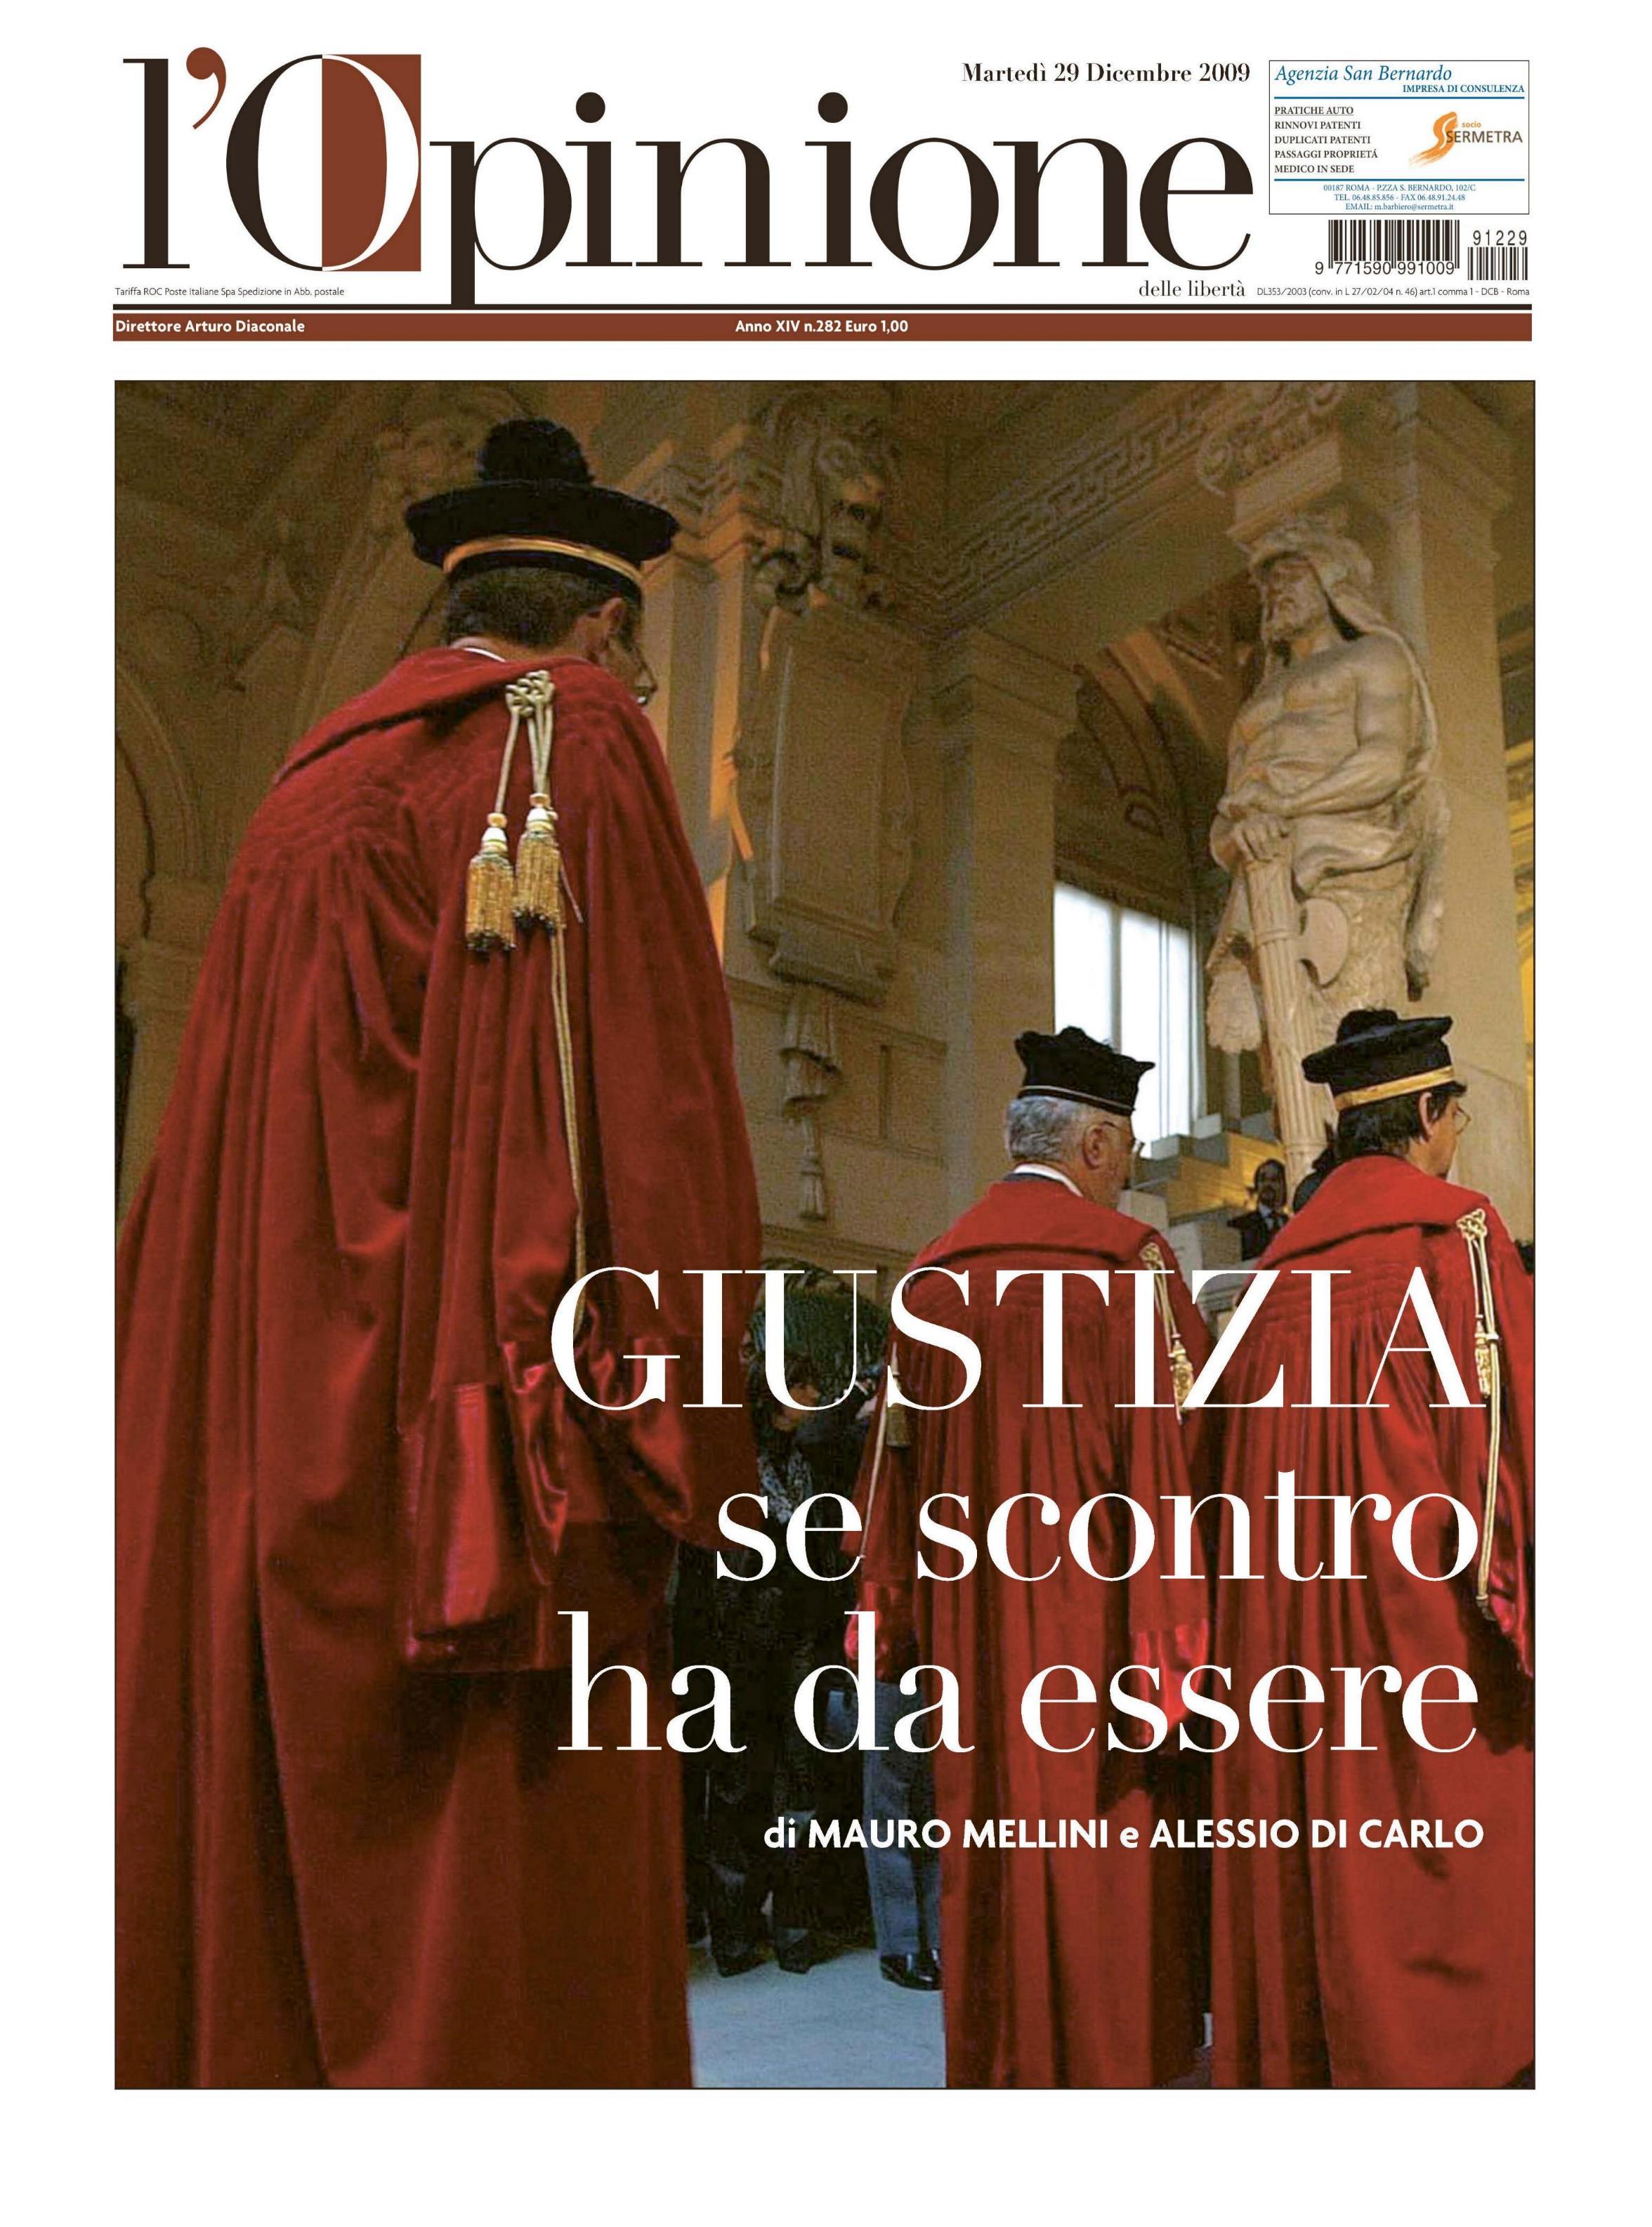 L'Opinione 29.12.2009